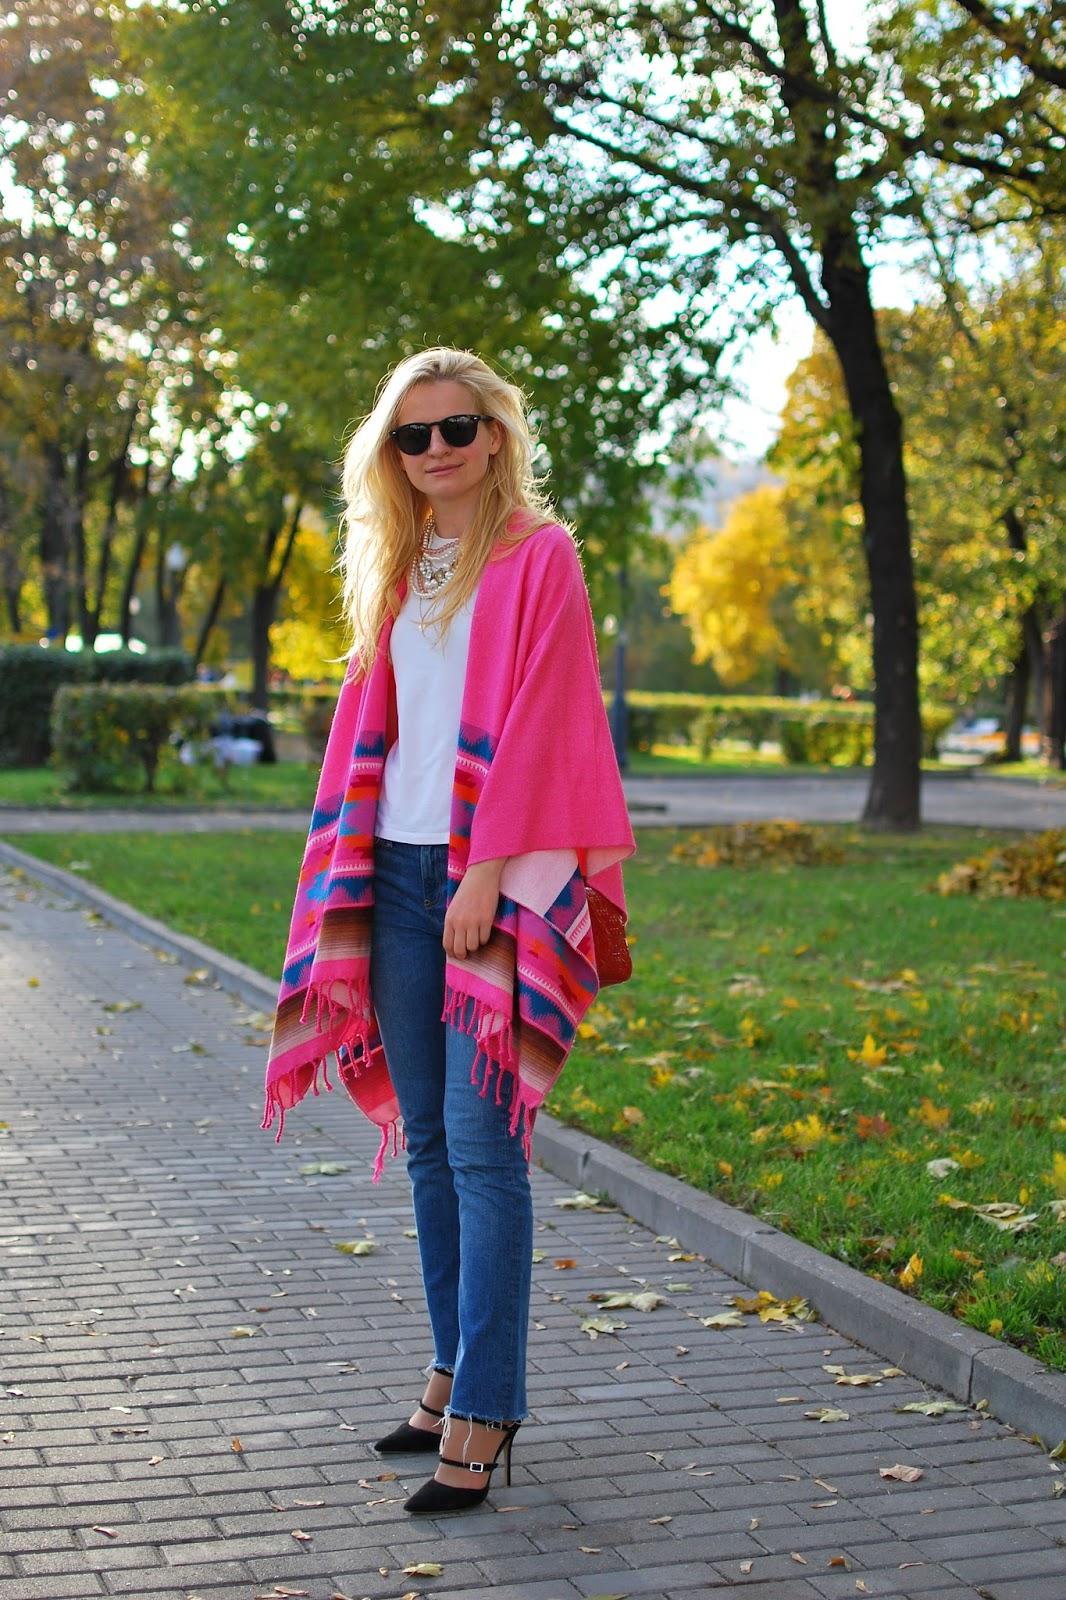 с чем носить пончо, луки для блондинок, уличная мода осень 2016, уличная мода